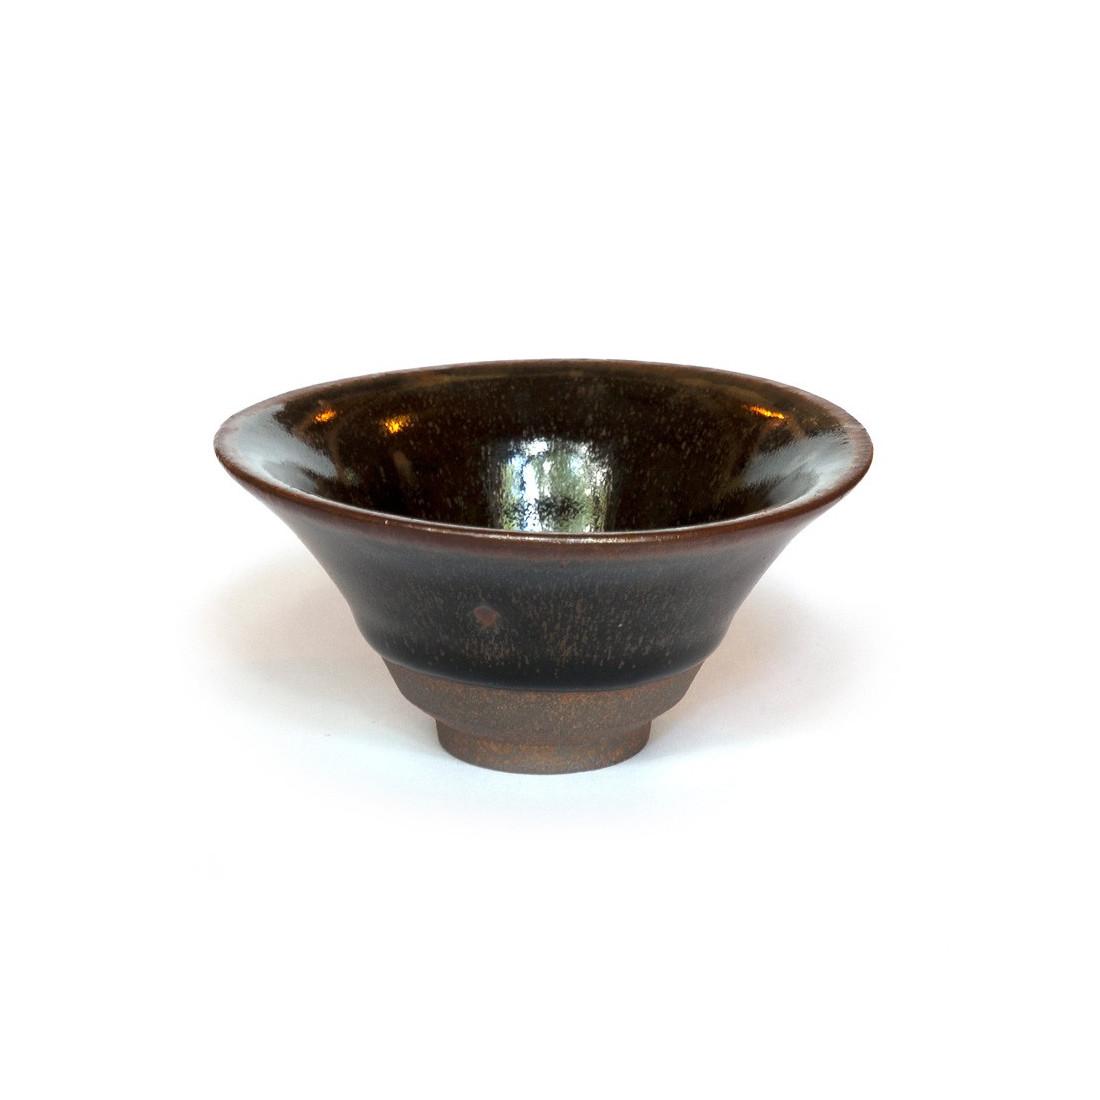 Фуцзяньская чаша, средняя (2017-06)